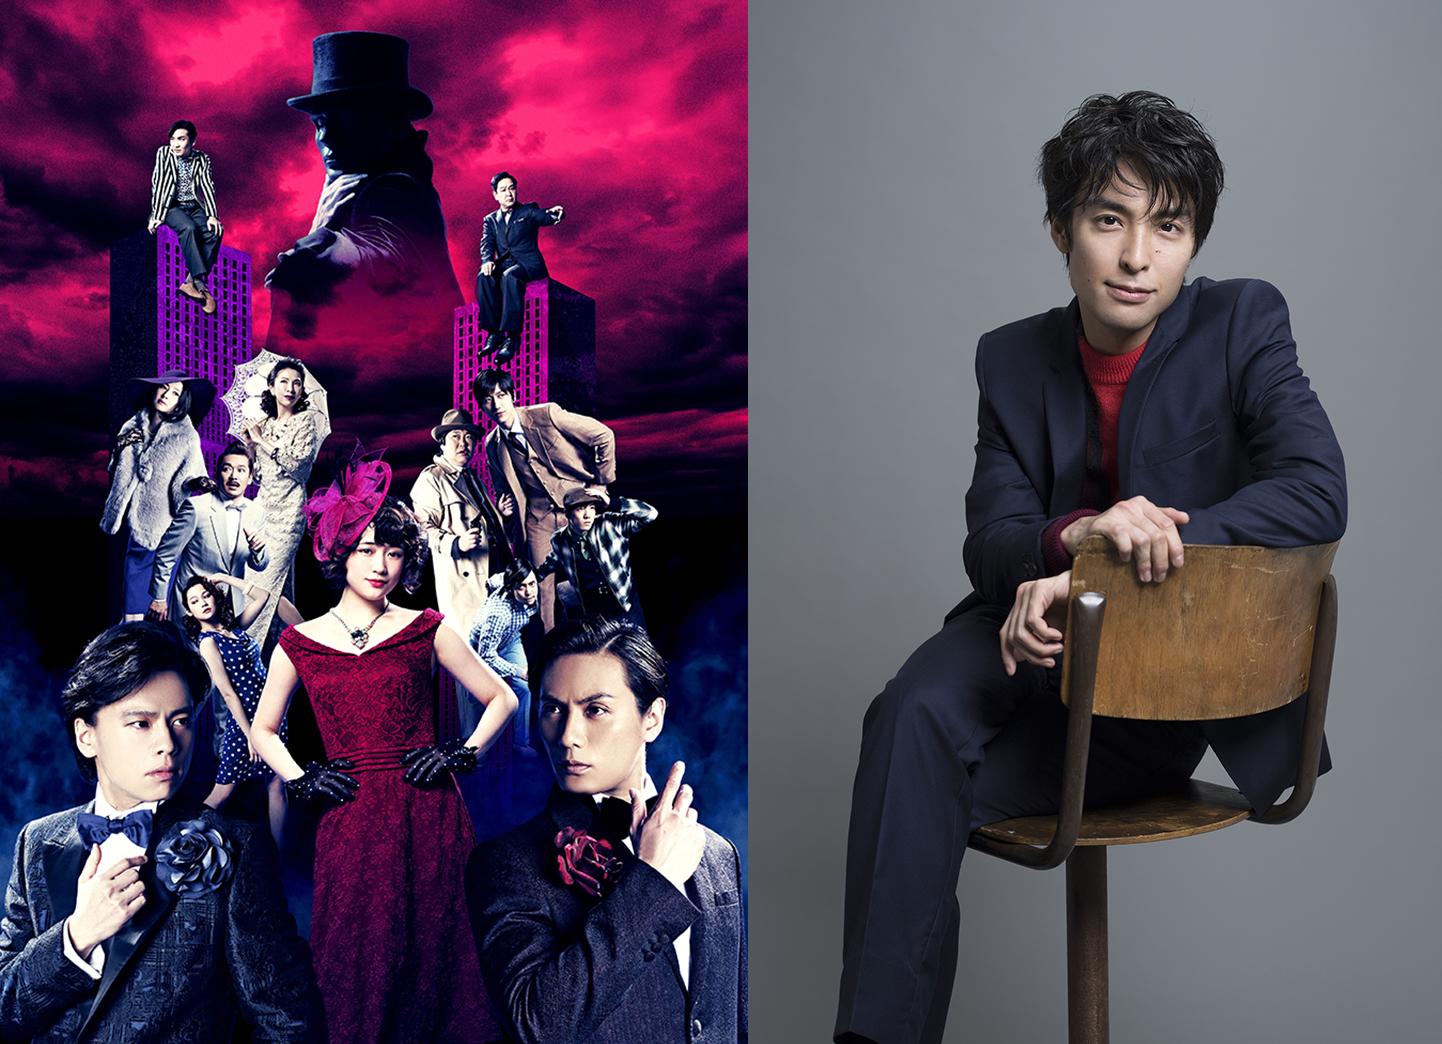 (左)『怪人と探偵』、(右)海宝直人 photo: ITARU HIRAMA(海宝直人)